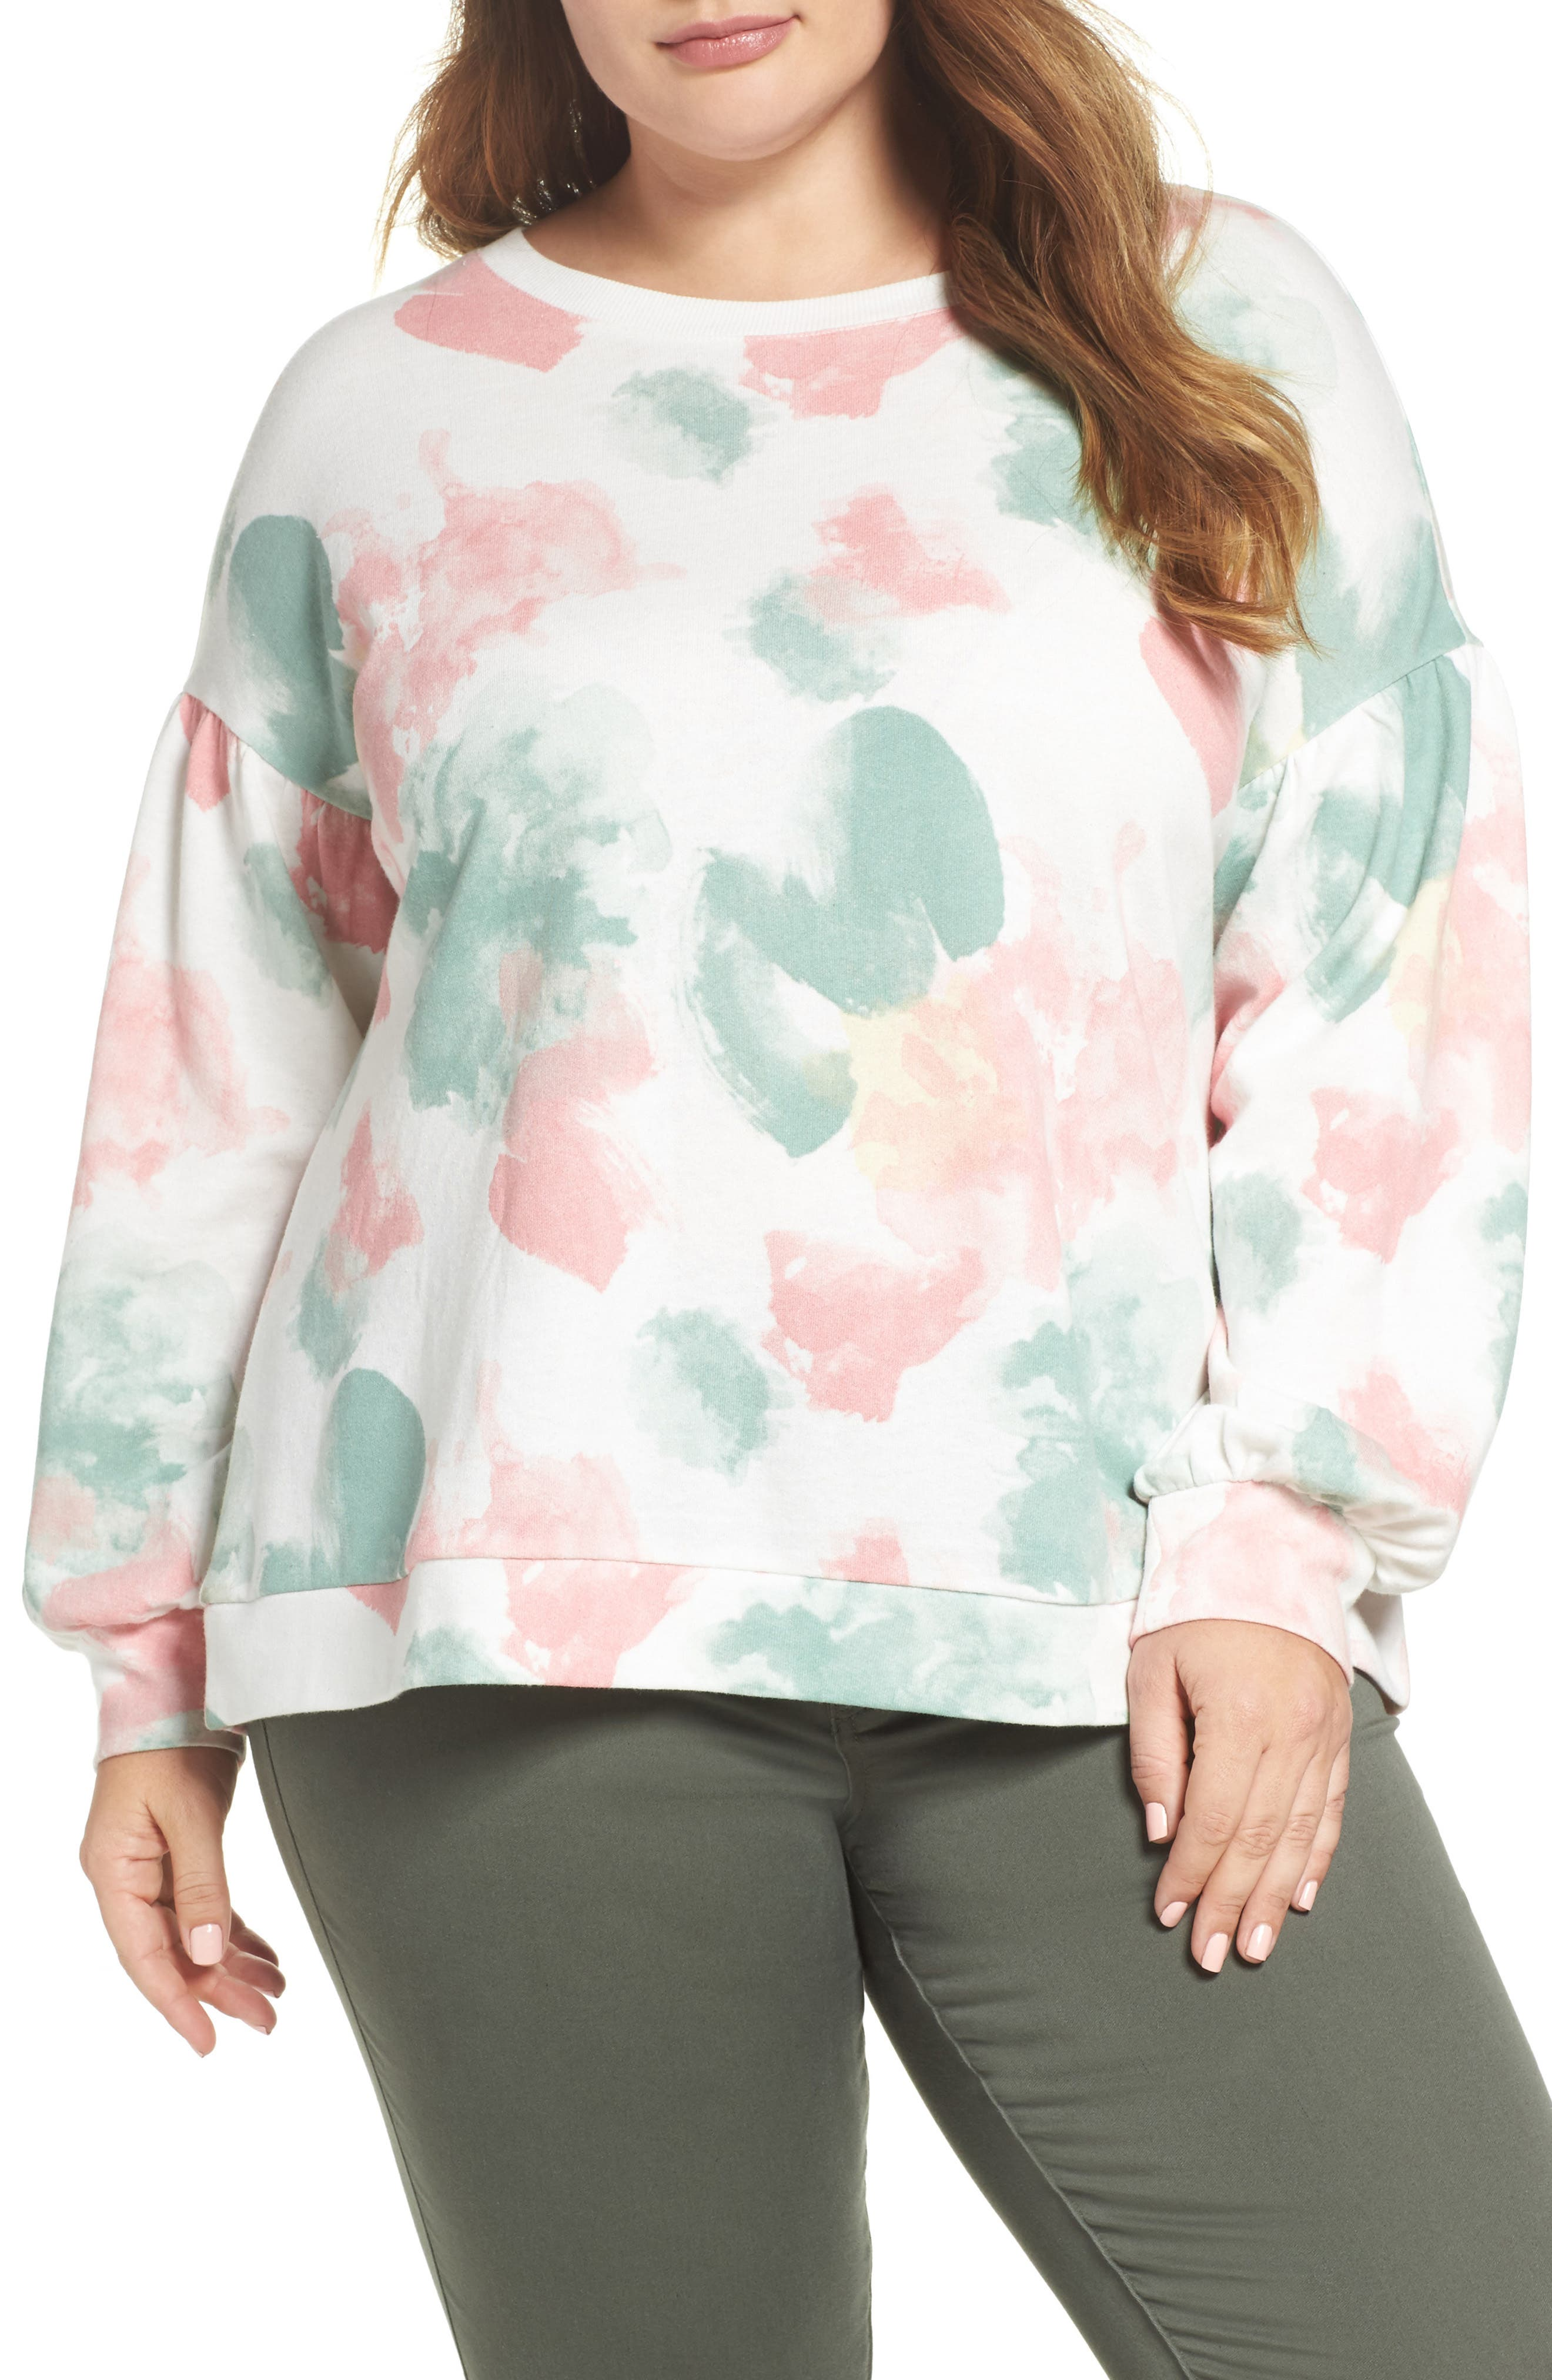 Blouson Sleeve Sweatshirt,                             Main thumbnail 1, color,                             900